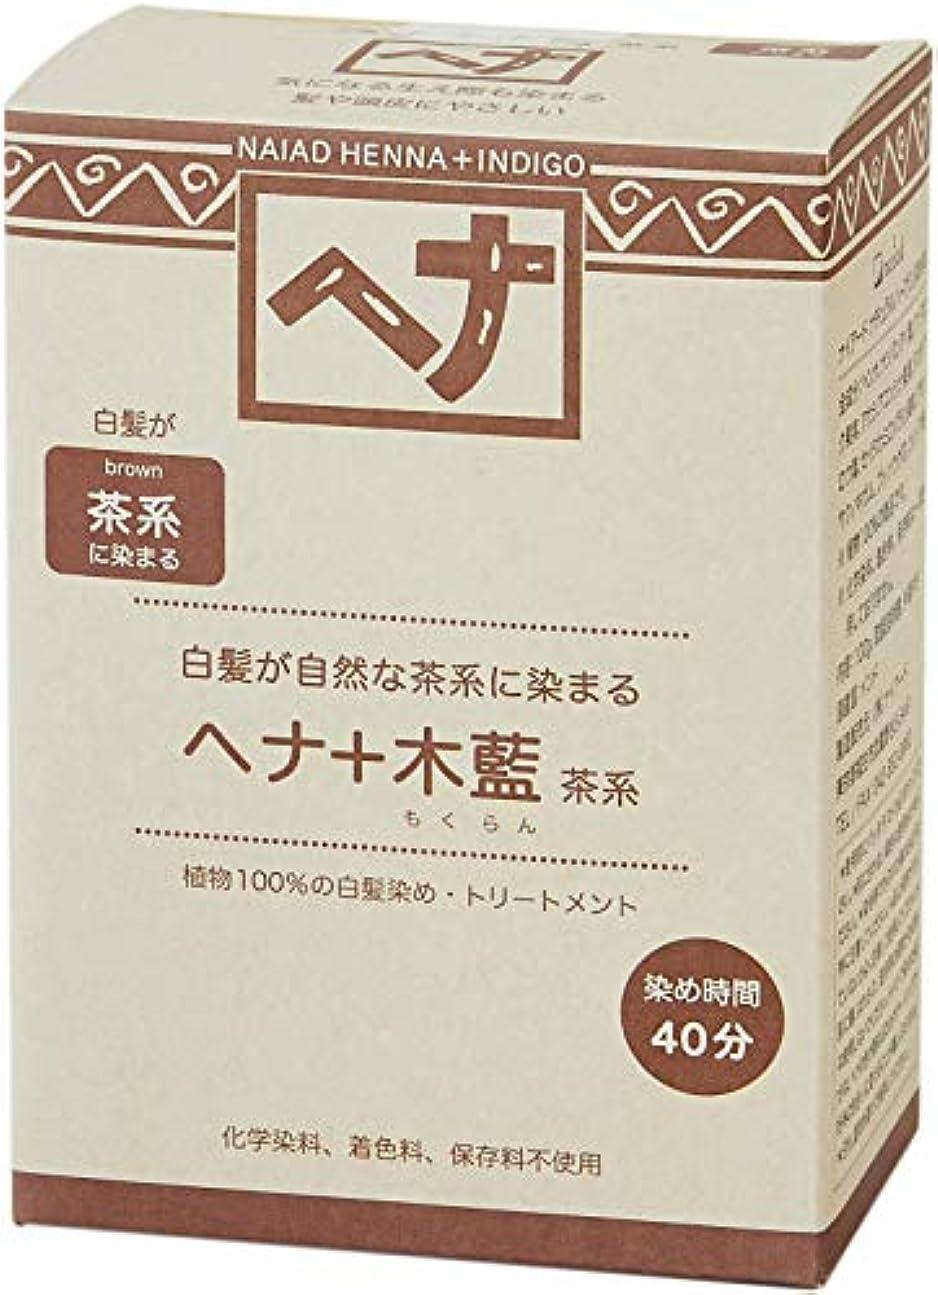 面論争ワークショップNaiad(ナイアード) ヘナ+木藍 茶系 100g